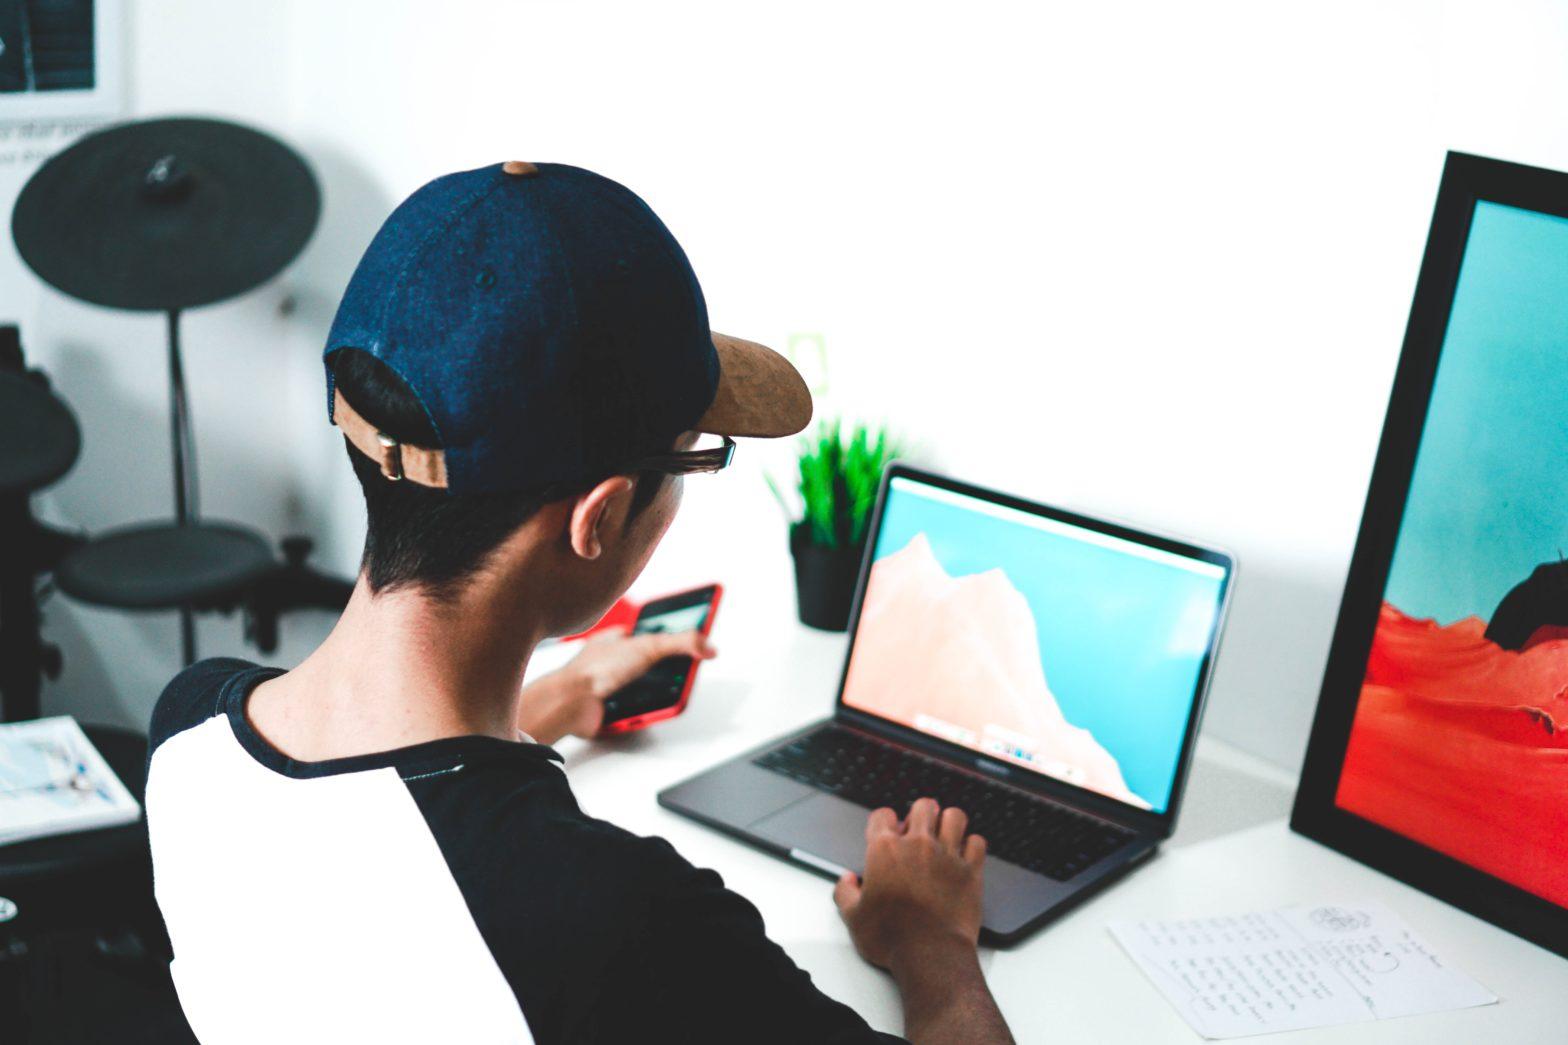 Le blog réalité augmentée Comment organiser sa veille informationnelle ?